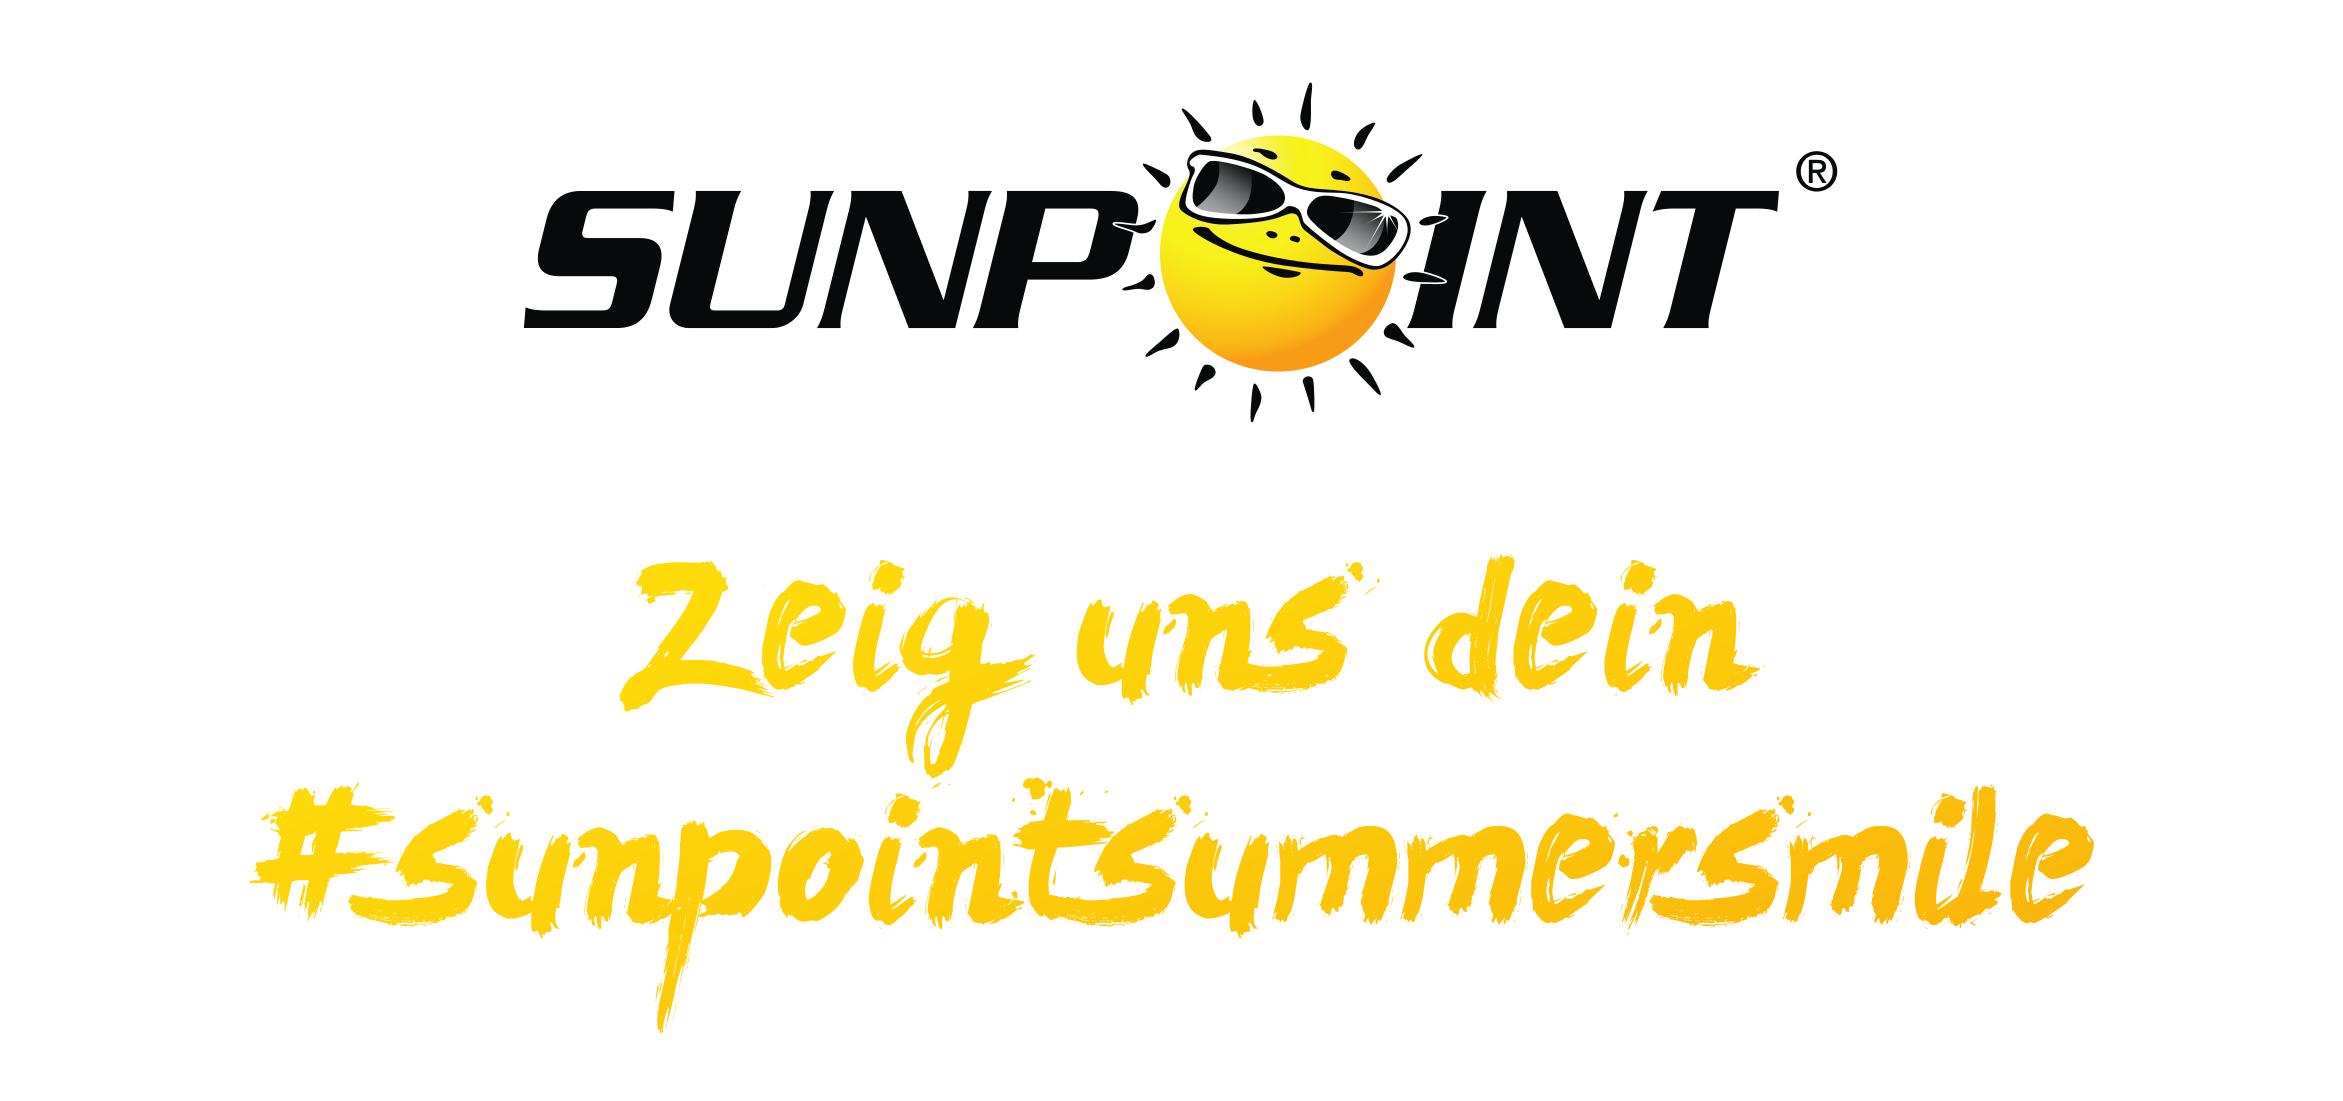 """SONNIGE TRADITION: UNSERE """"SUMMER-SMILE"""" AKTION FÜR SUNPOINT"""